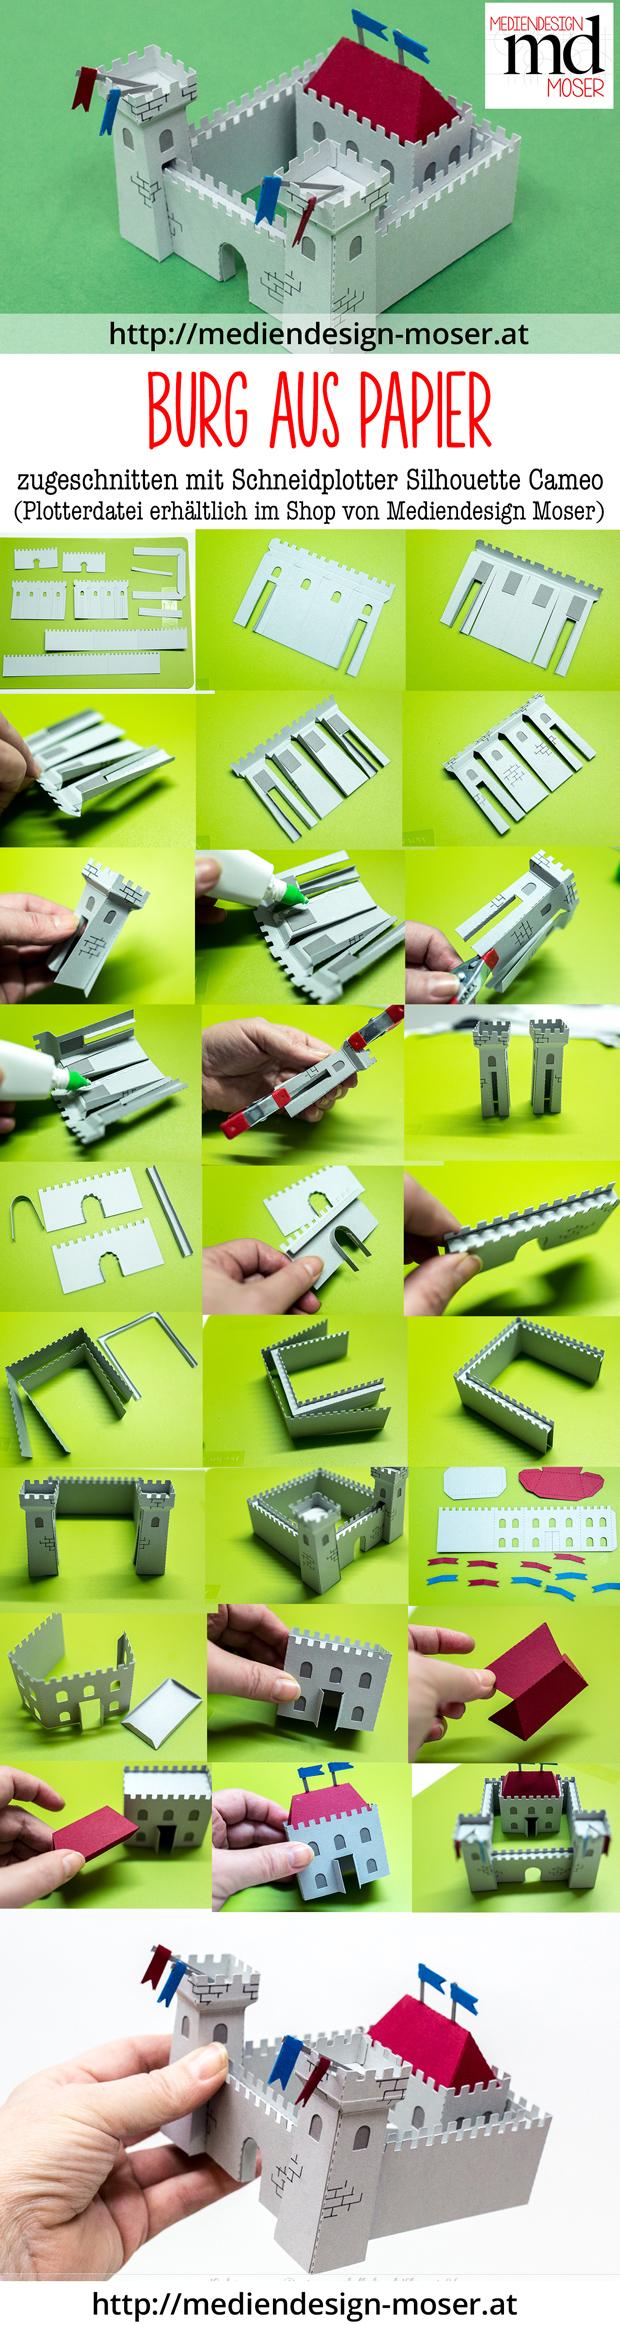 Fotostrecke Herstellung einer Burg aus Papier